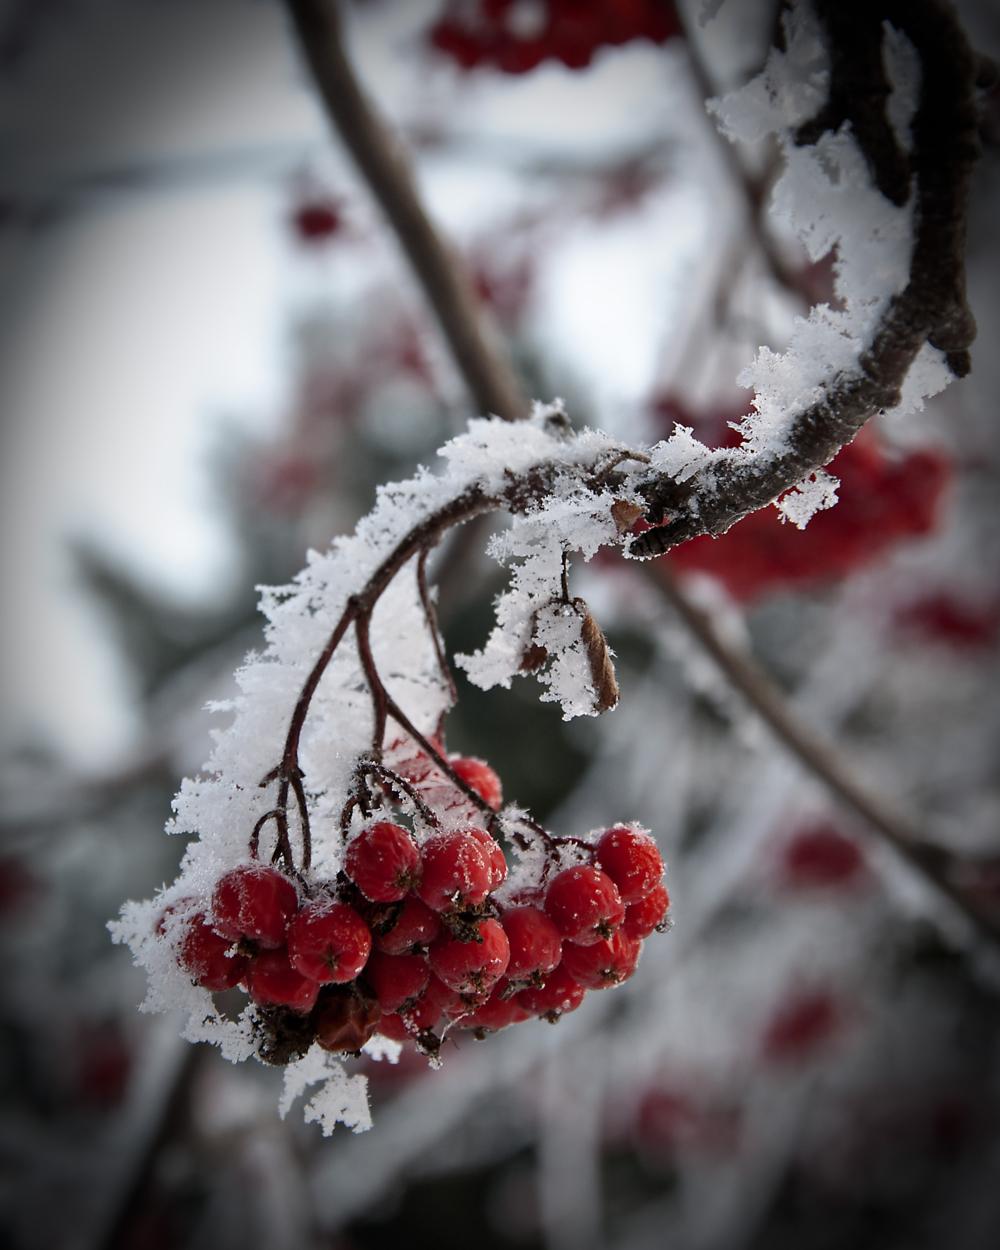 Картинка с рябиной зимой